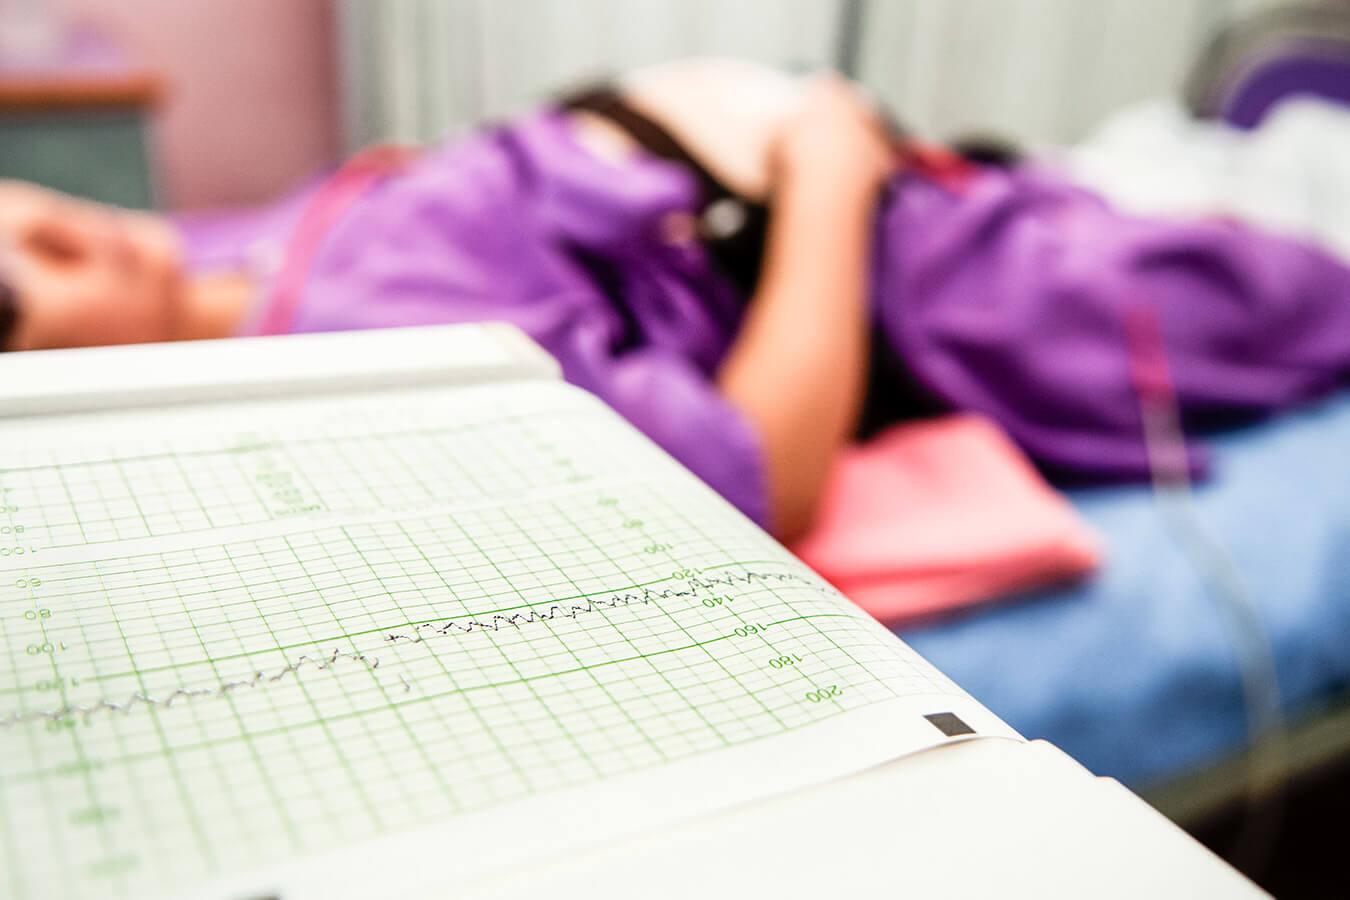 Badanie KTG w ciąży – co oznaczają liczby?